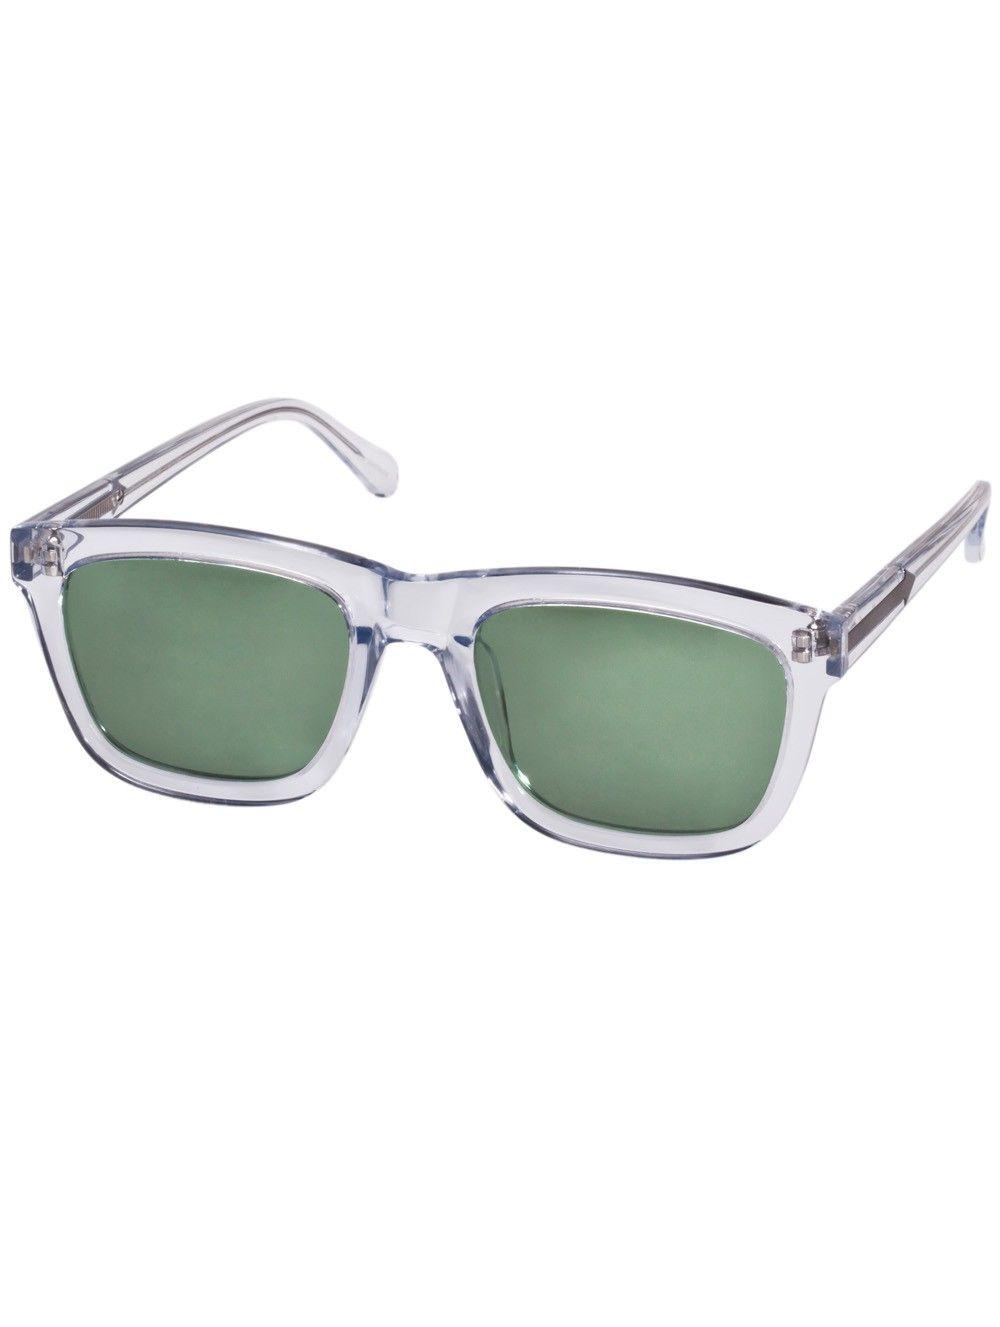 a917f29d0cd clear deep freeze sunglasses by karen walker